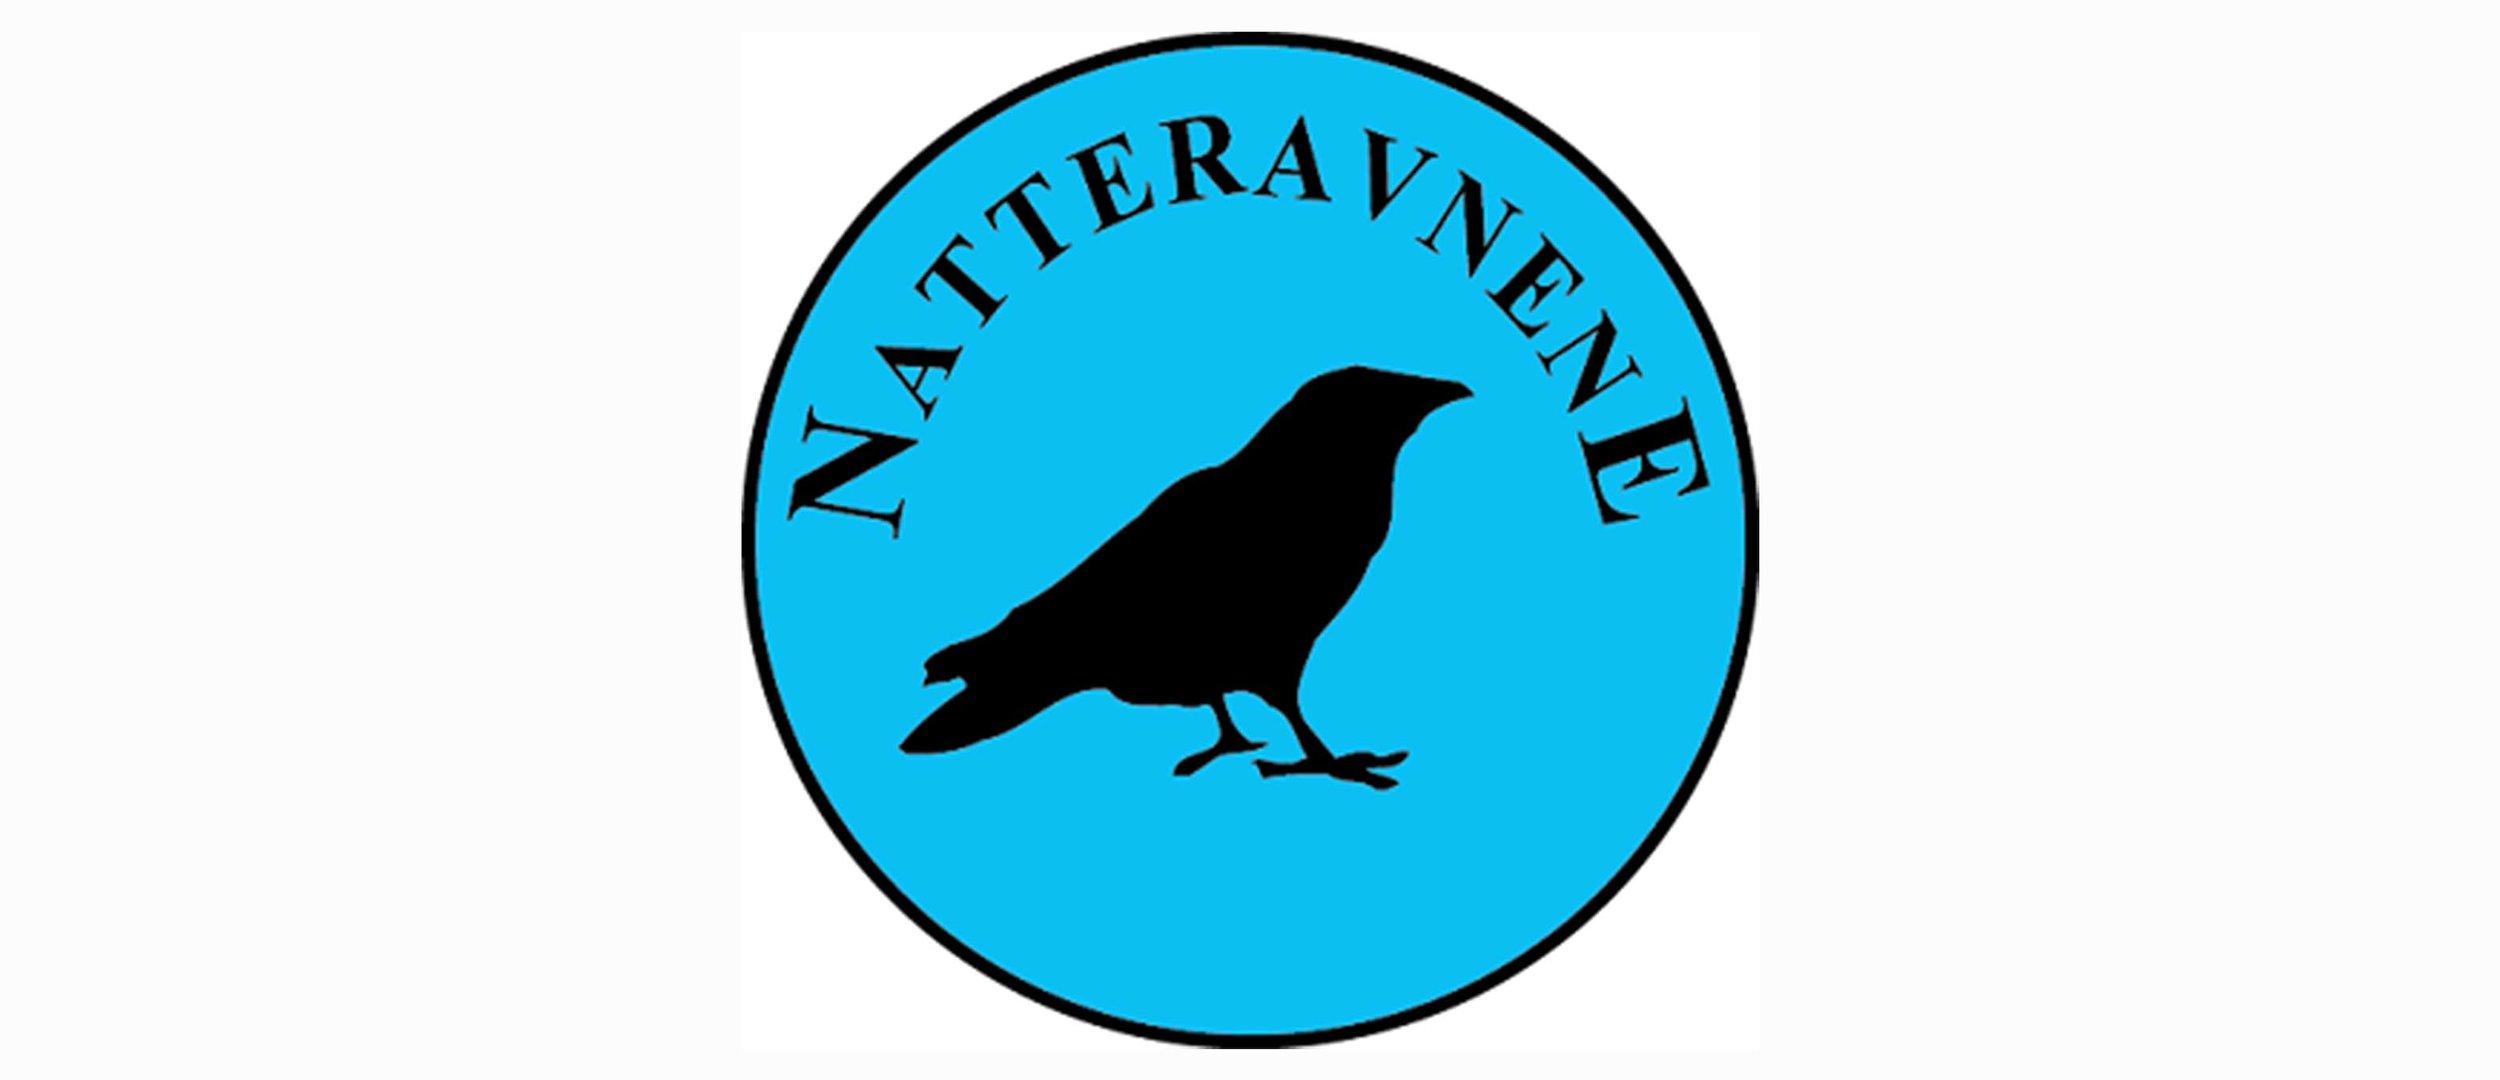 Natteravnene - Natteravnene® er en politisk og religiøs nøytral organisasjon som arbeider for å gjøre bysentrum og nærmiljø til trygge steder å være for alle. Natteravnene® har vært aktive siden 1990